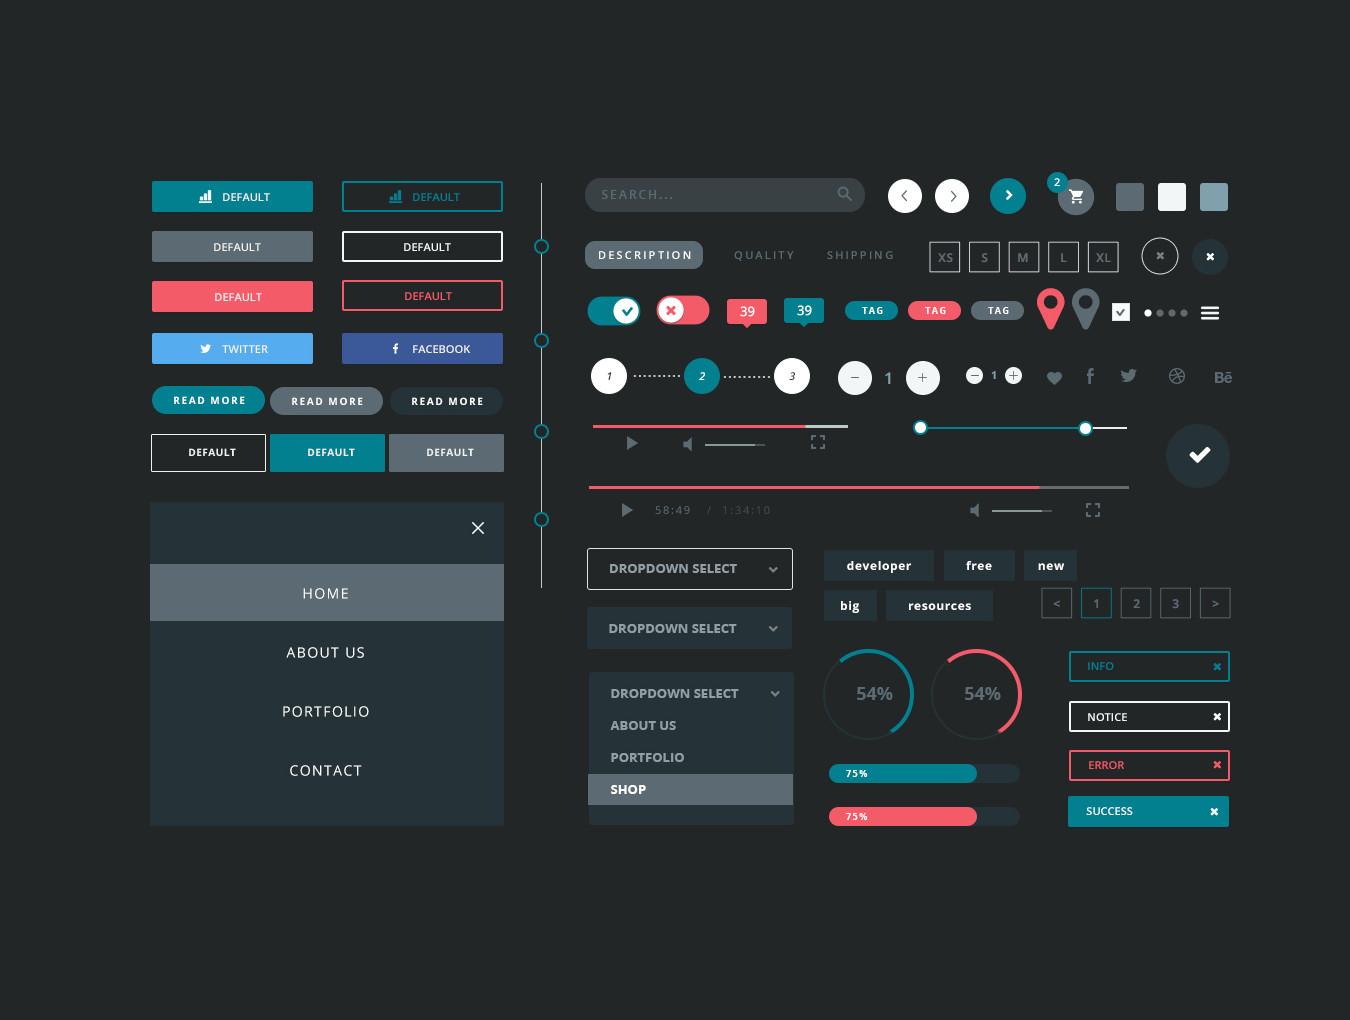 多功能商城博客WEB网站UI界面设计套件 Classe UI Kit插图(3)